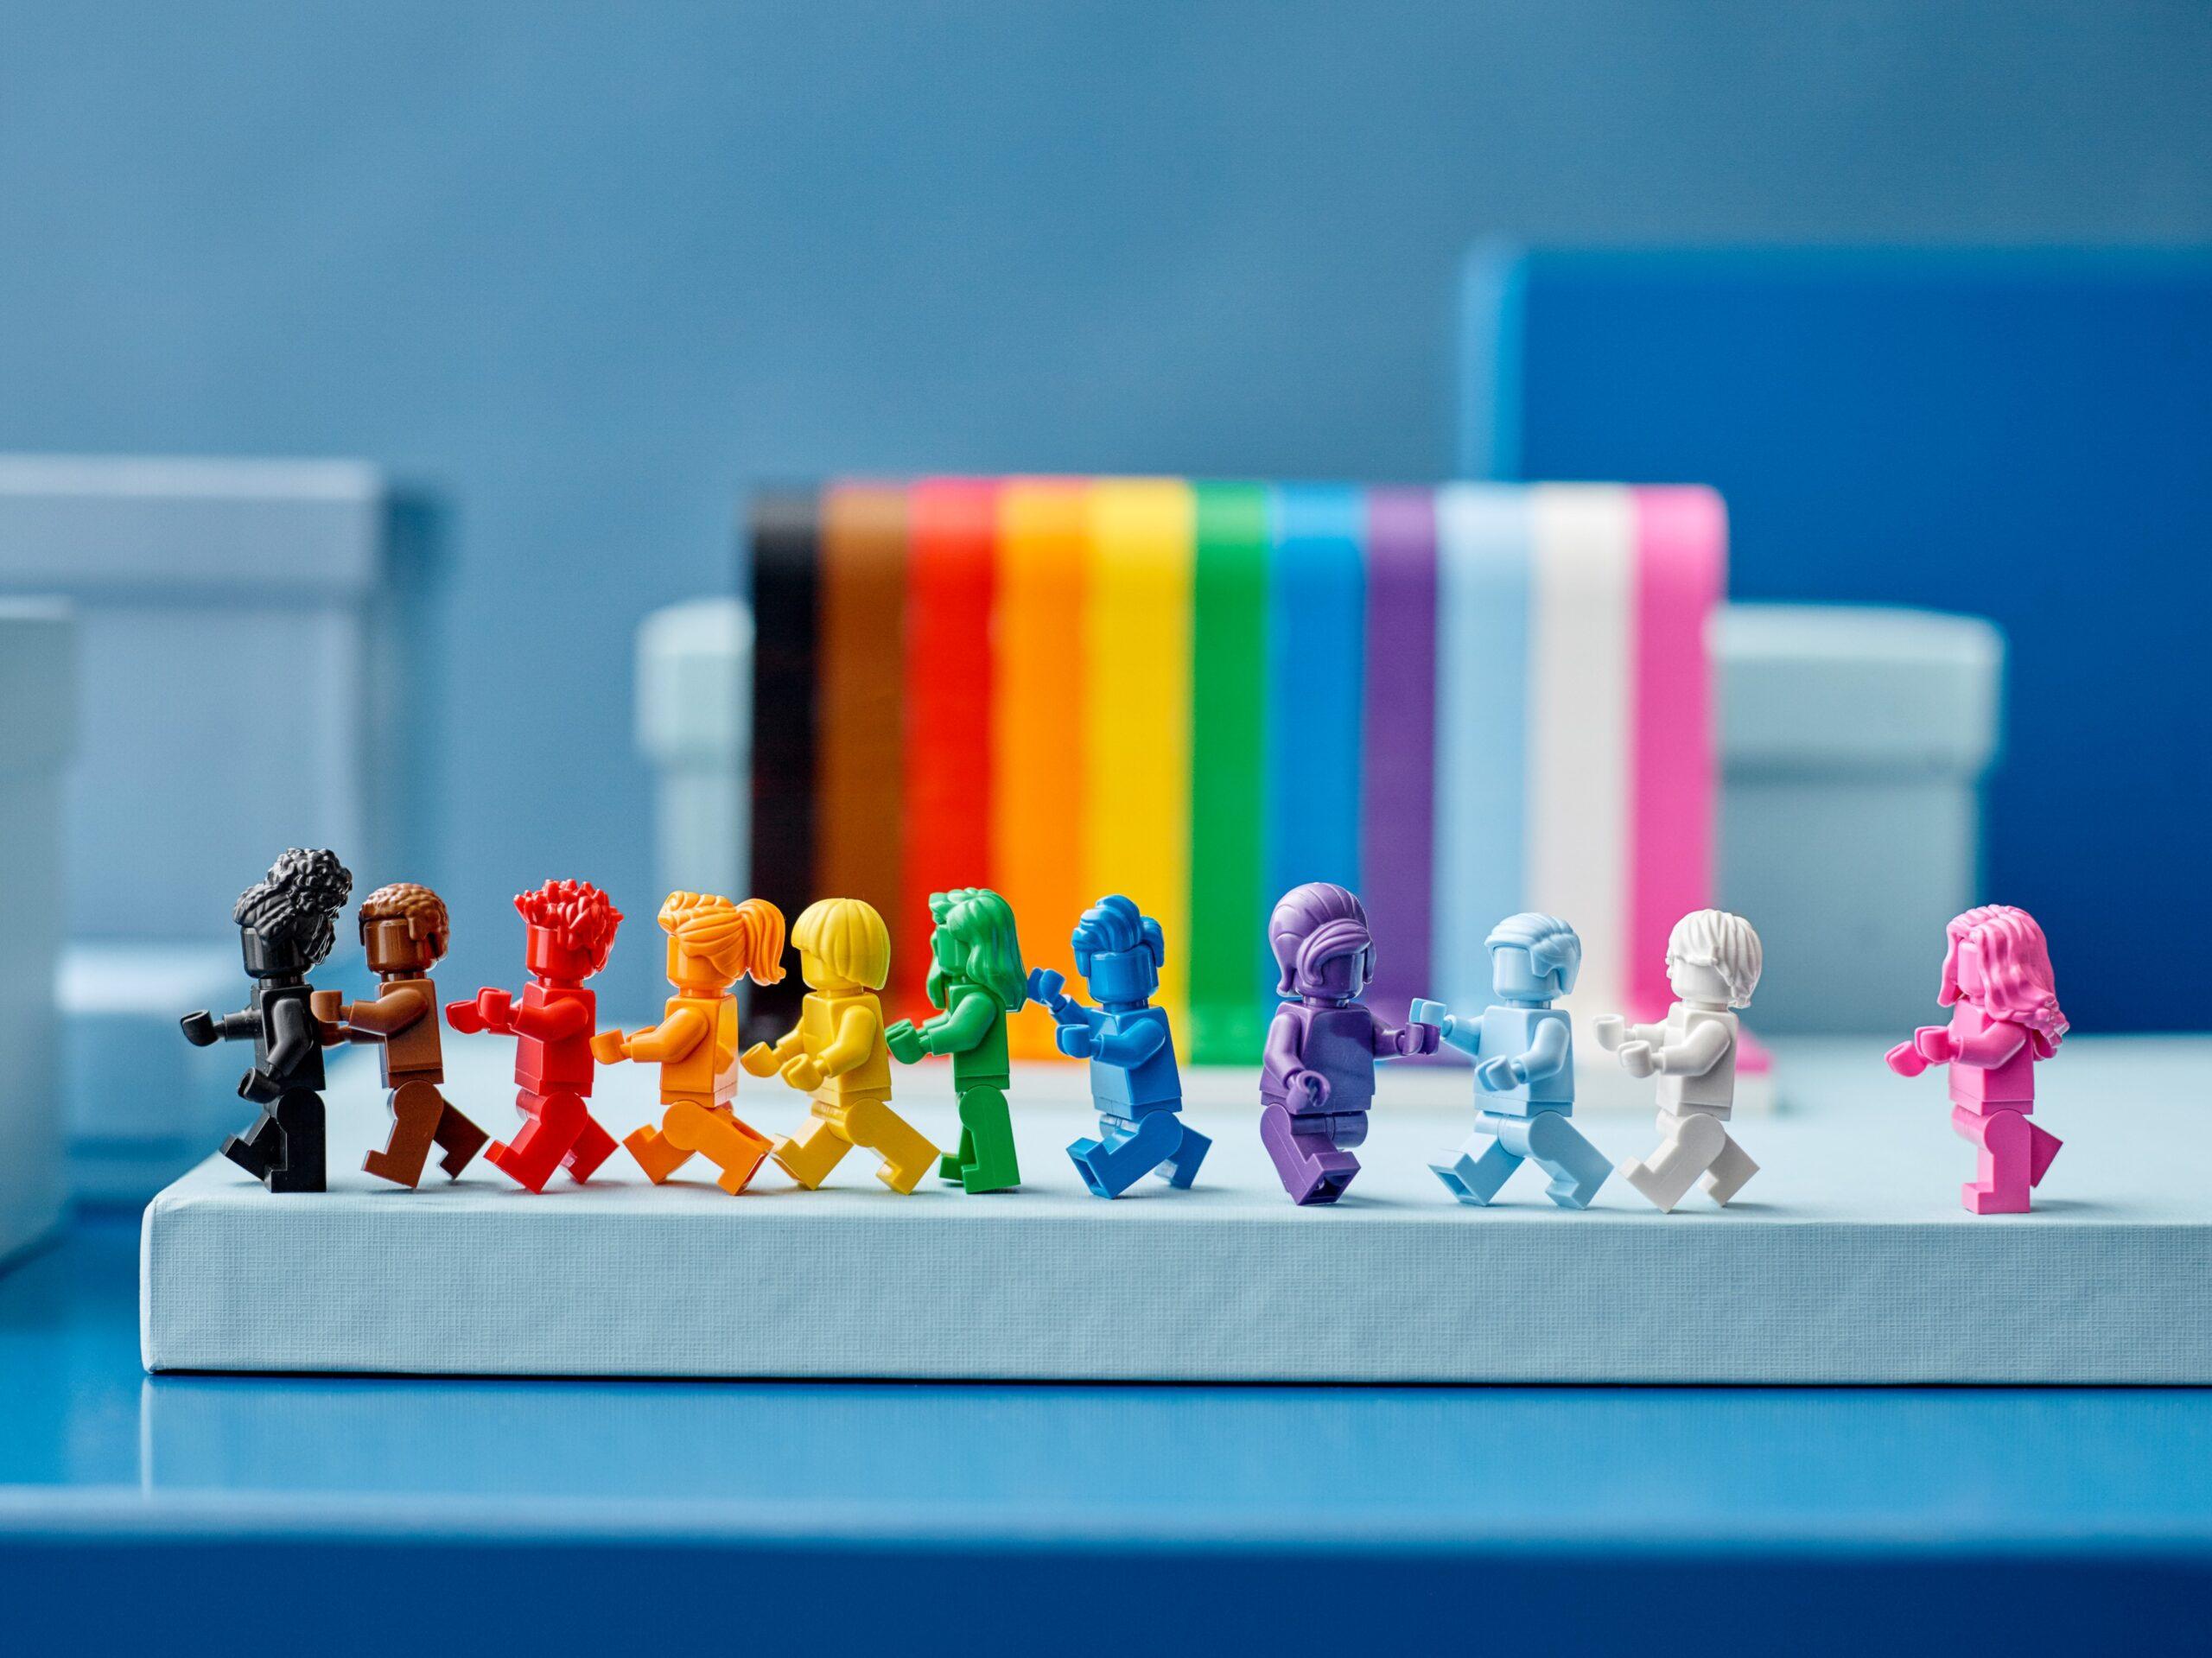 """""""Ognuno è meraviglioso"""": dal 1° giugno il set Lego che celebra la diversità"""